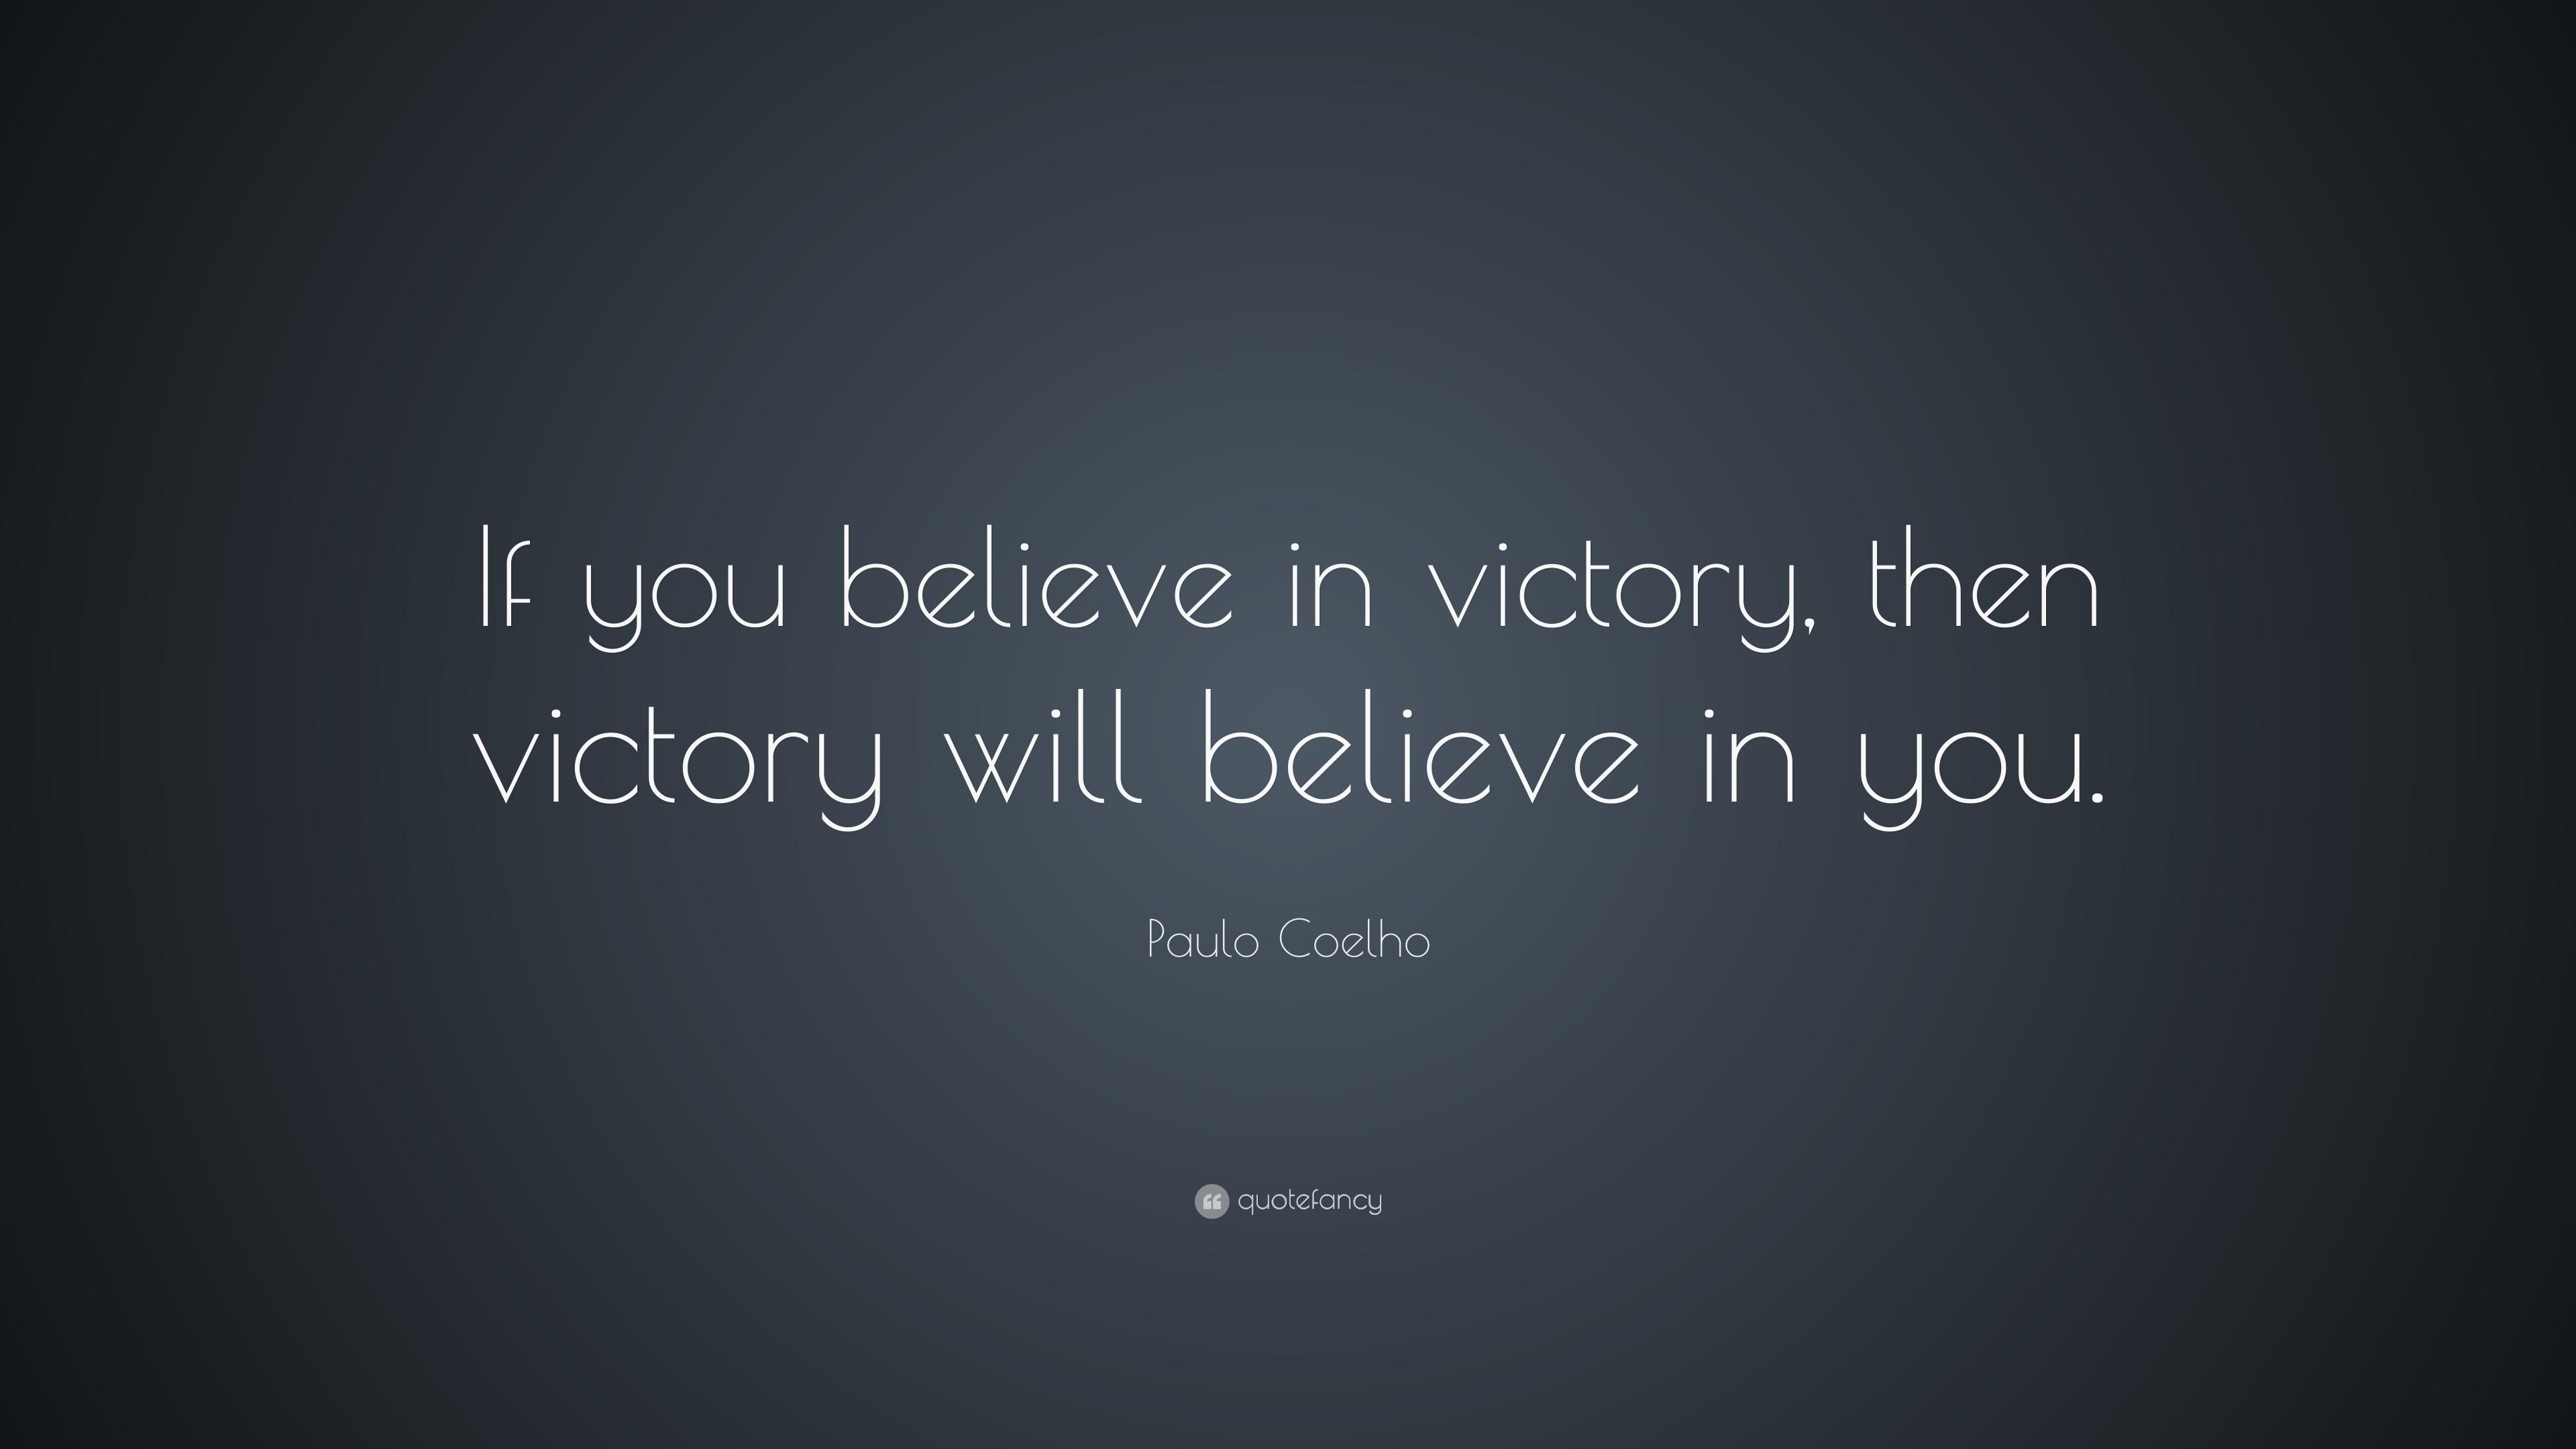 Desktop Wallpaper Tolkien Quote Paulo Coelho Quote If You Believe In Victory Then